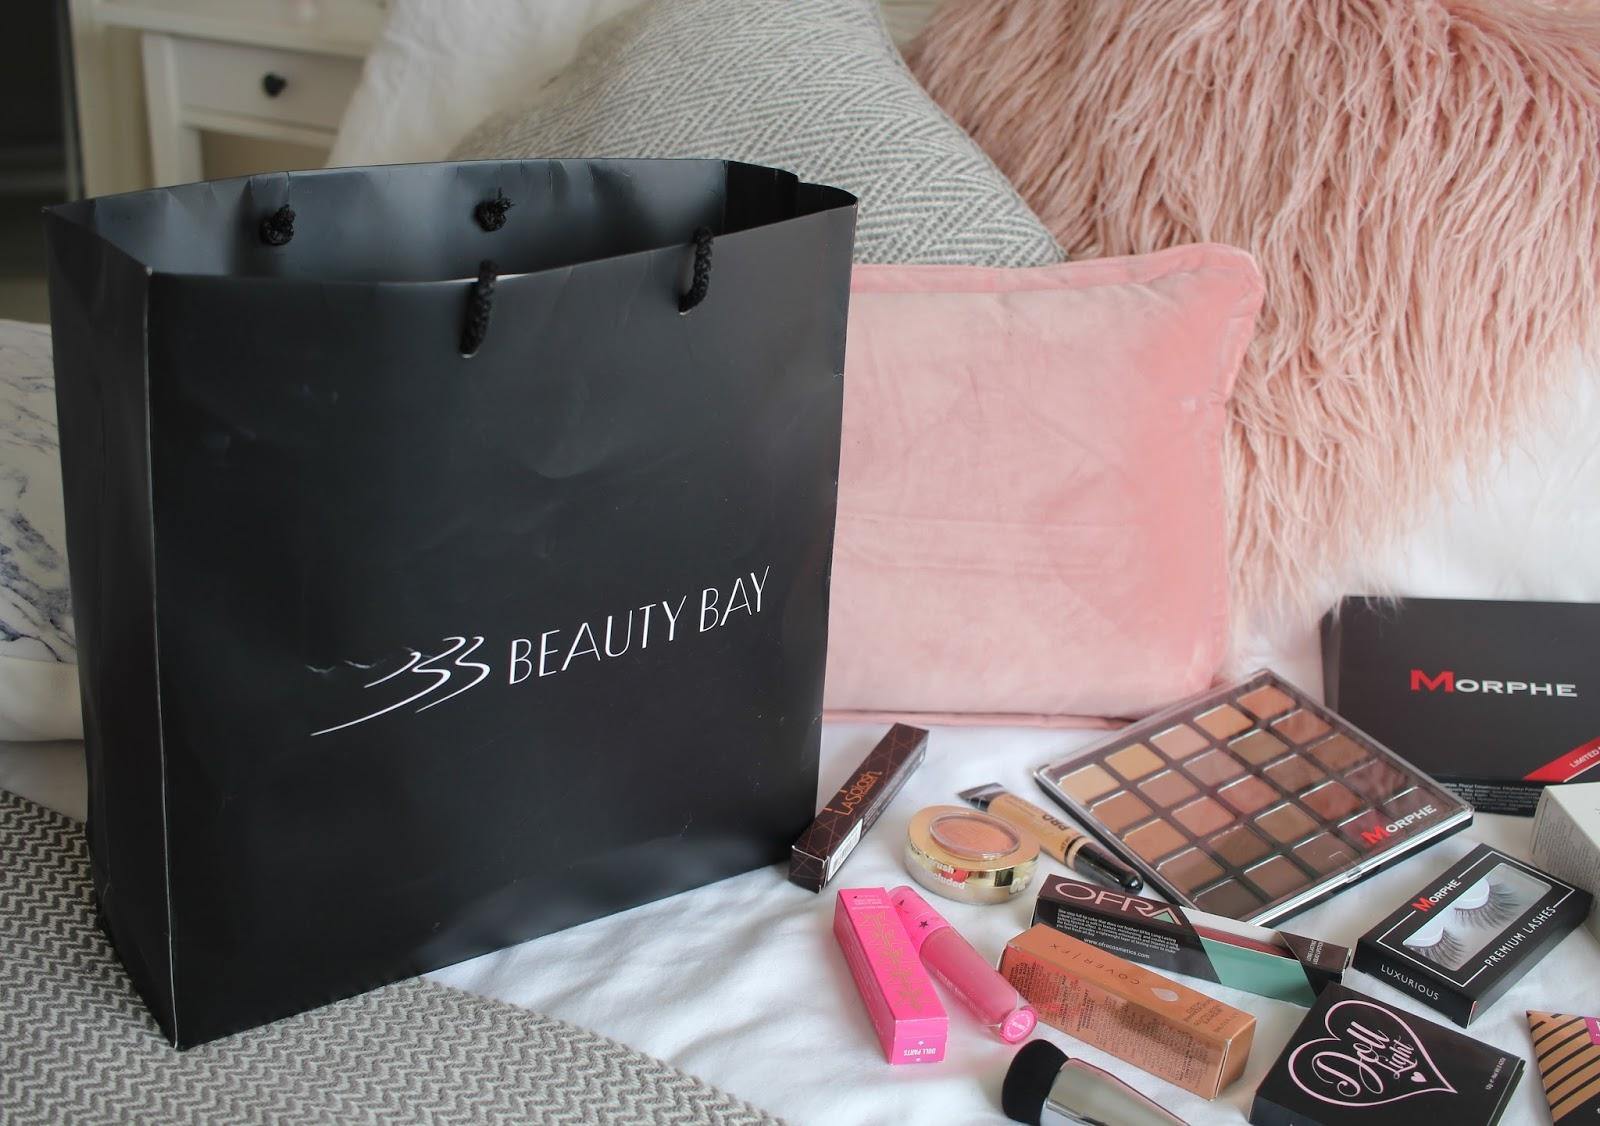 dc5e087a4910d Beauty Bay Queen BB Campaign   Goodie Bag Treats